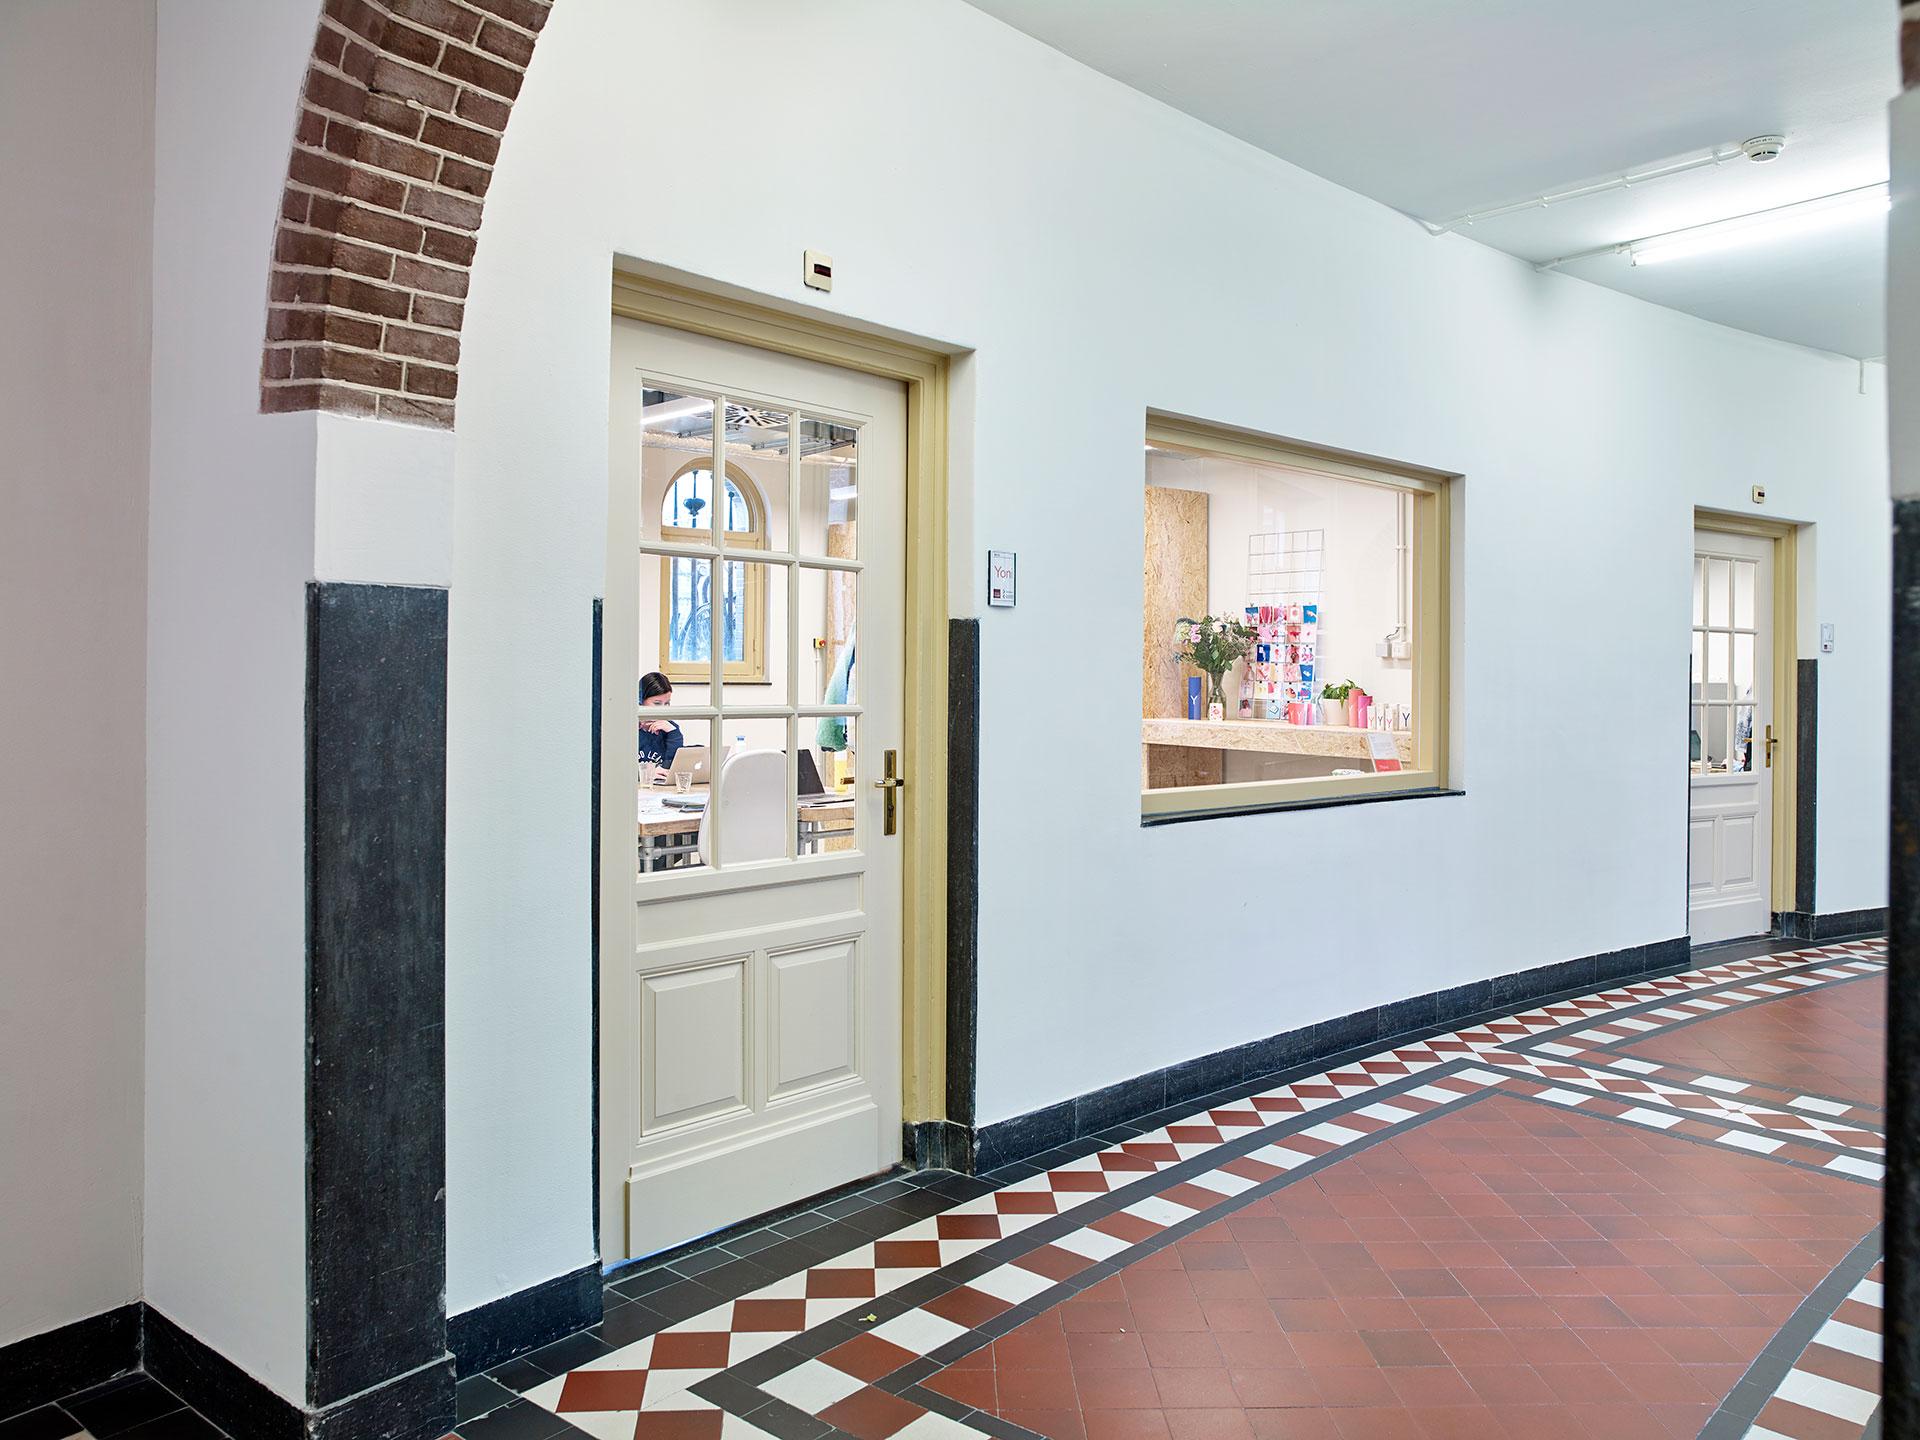 De nieuwe 'standaard' deur vervangt op termijn alle gesloten sandwichdeuren